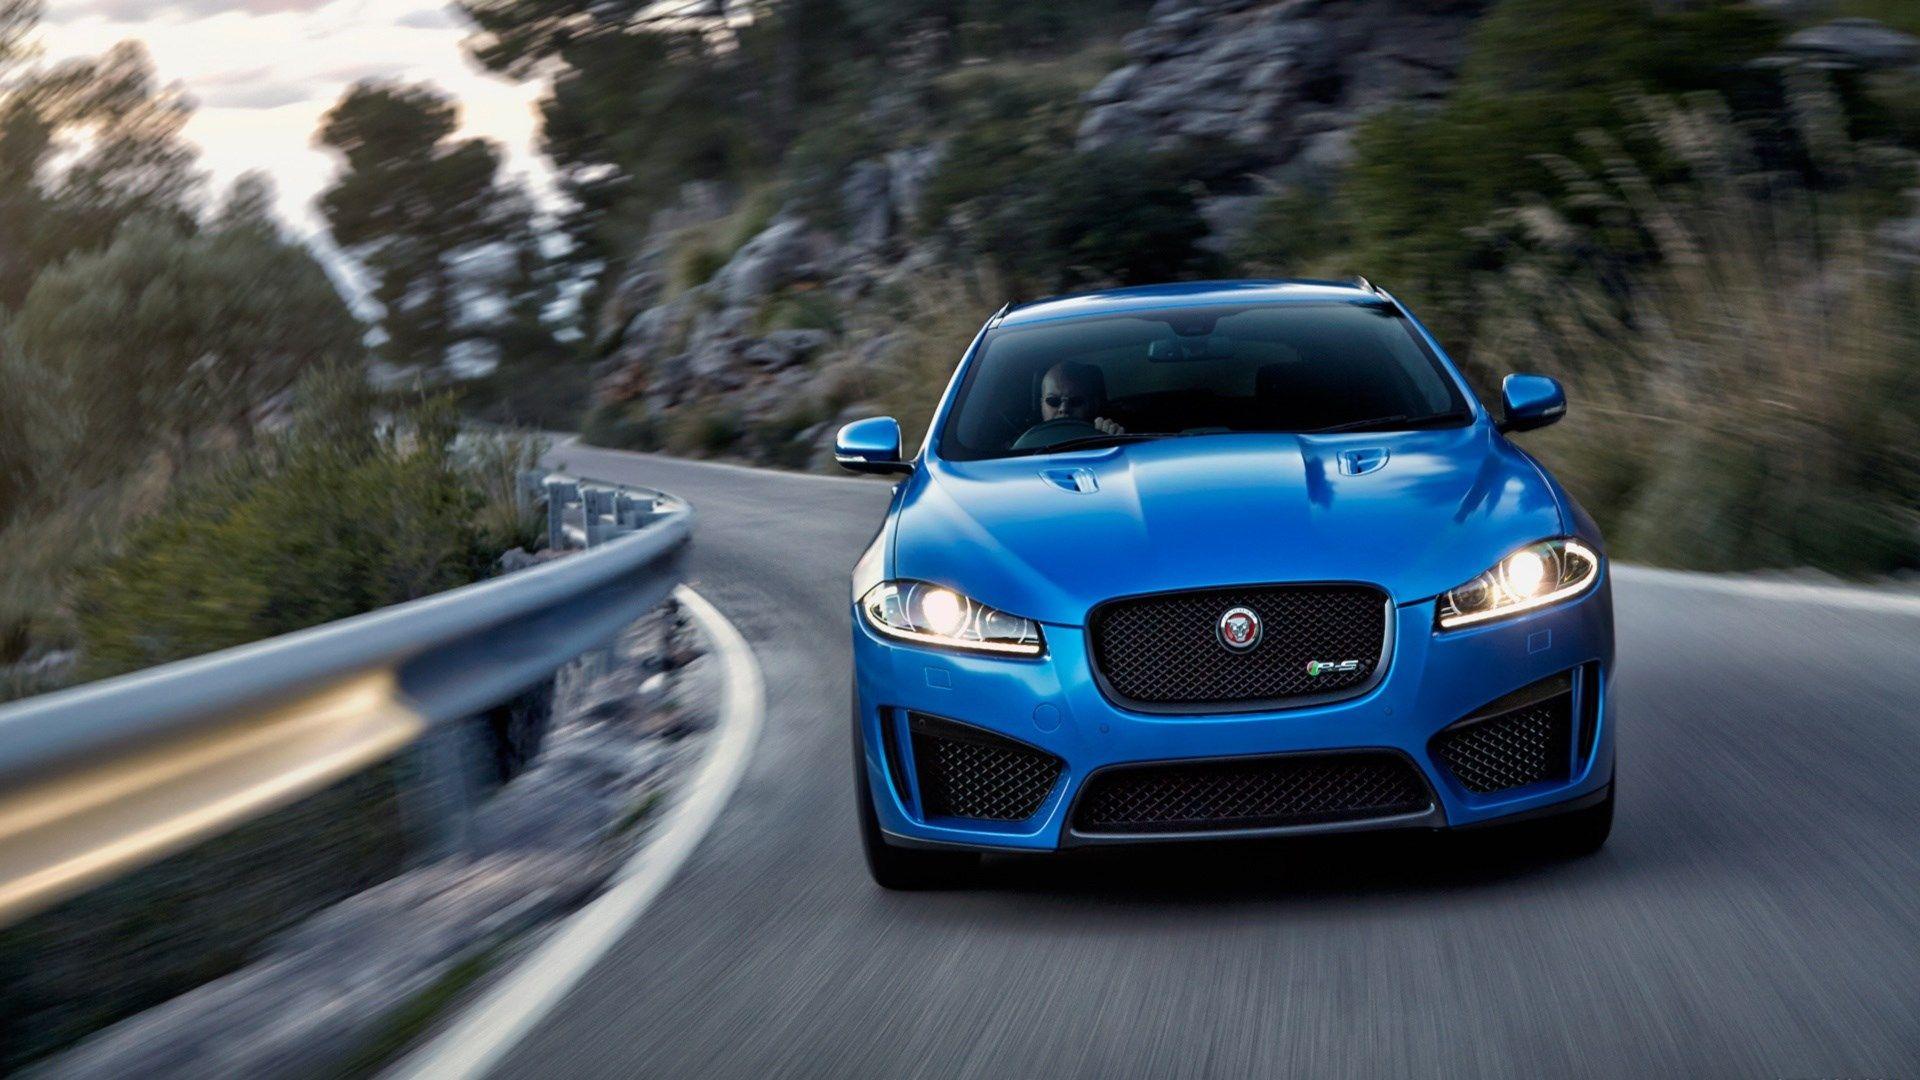 Best Jaguar Xfr S Sportbrake Backround Satchel Gordon 2017 03 13 Car Wallpapers Jaguar British Car Brands